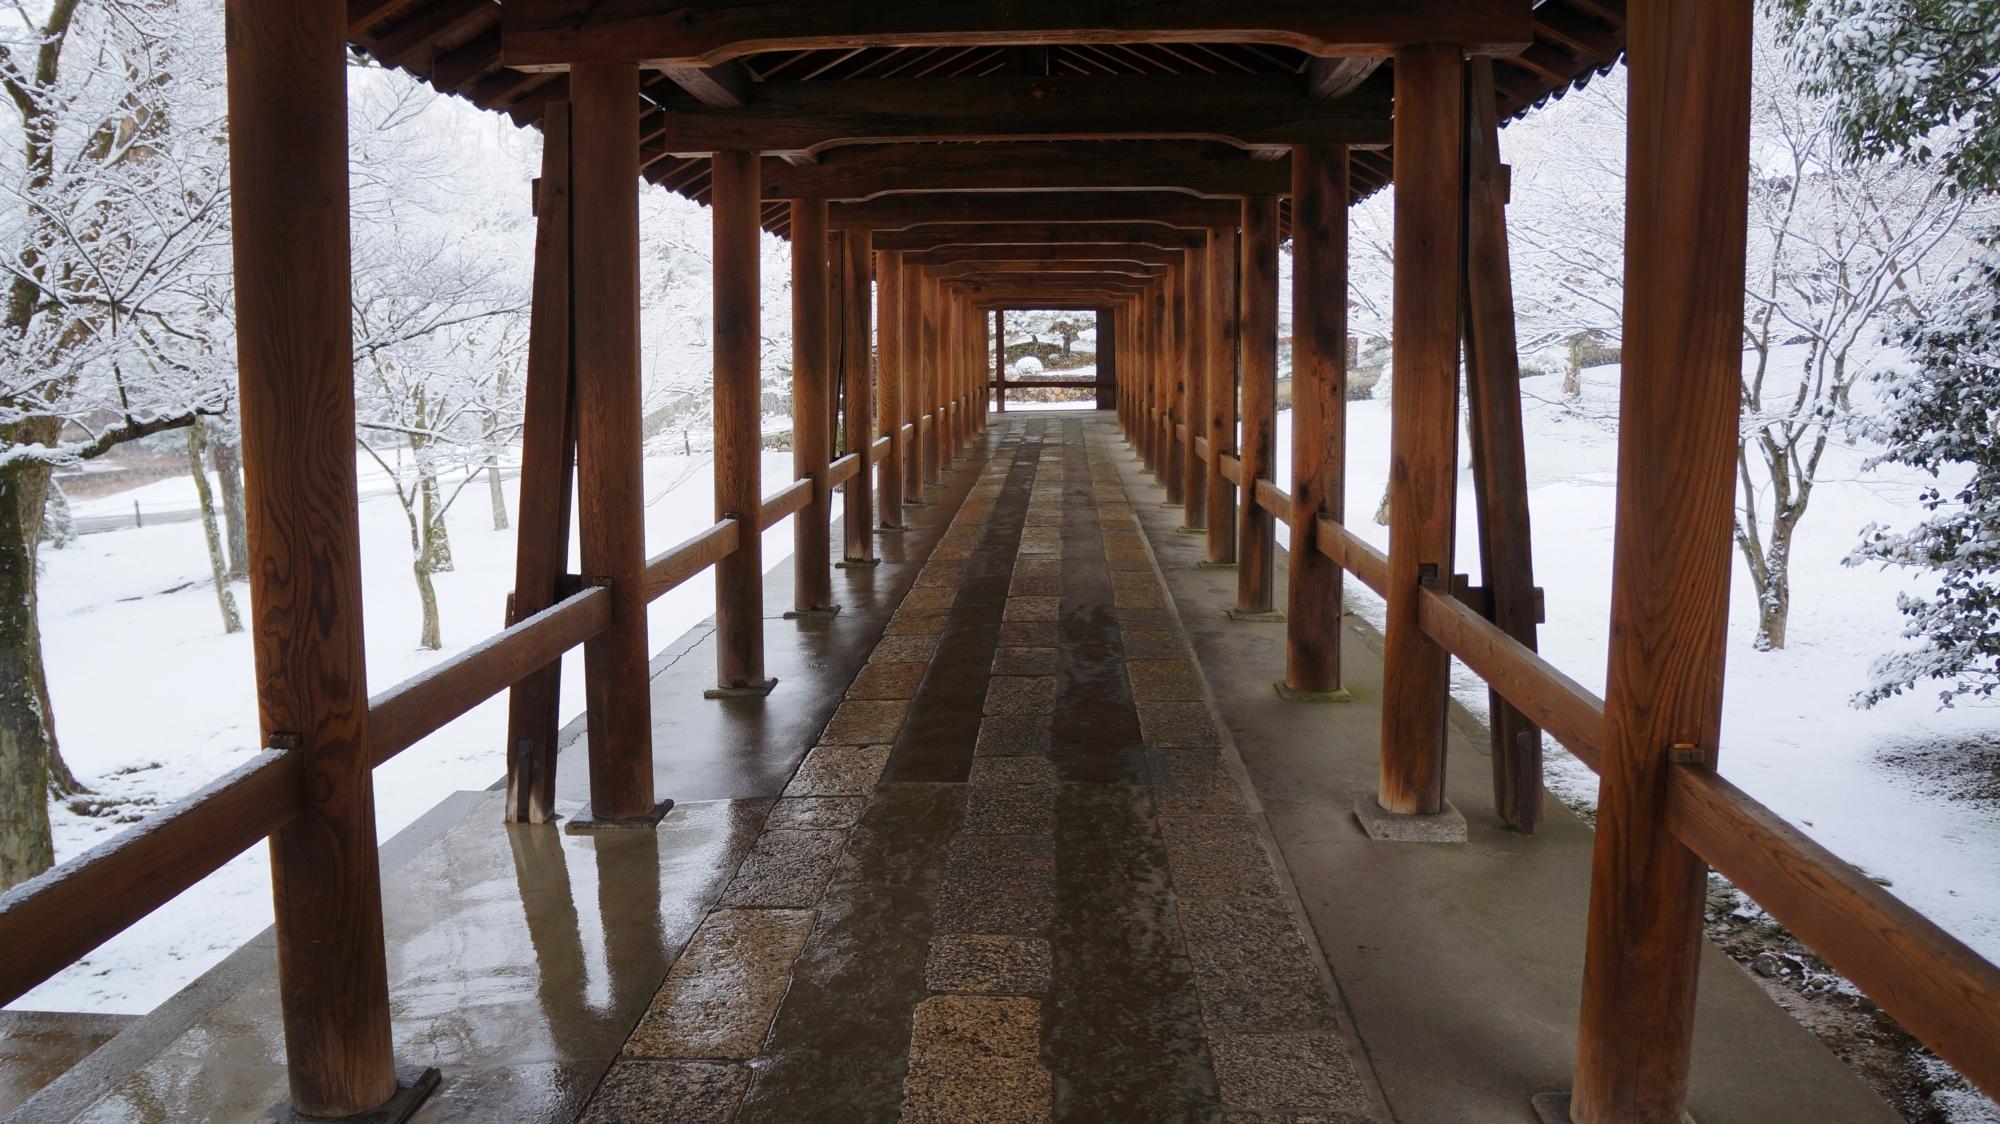 静寂と雪につつまれた長い回廊